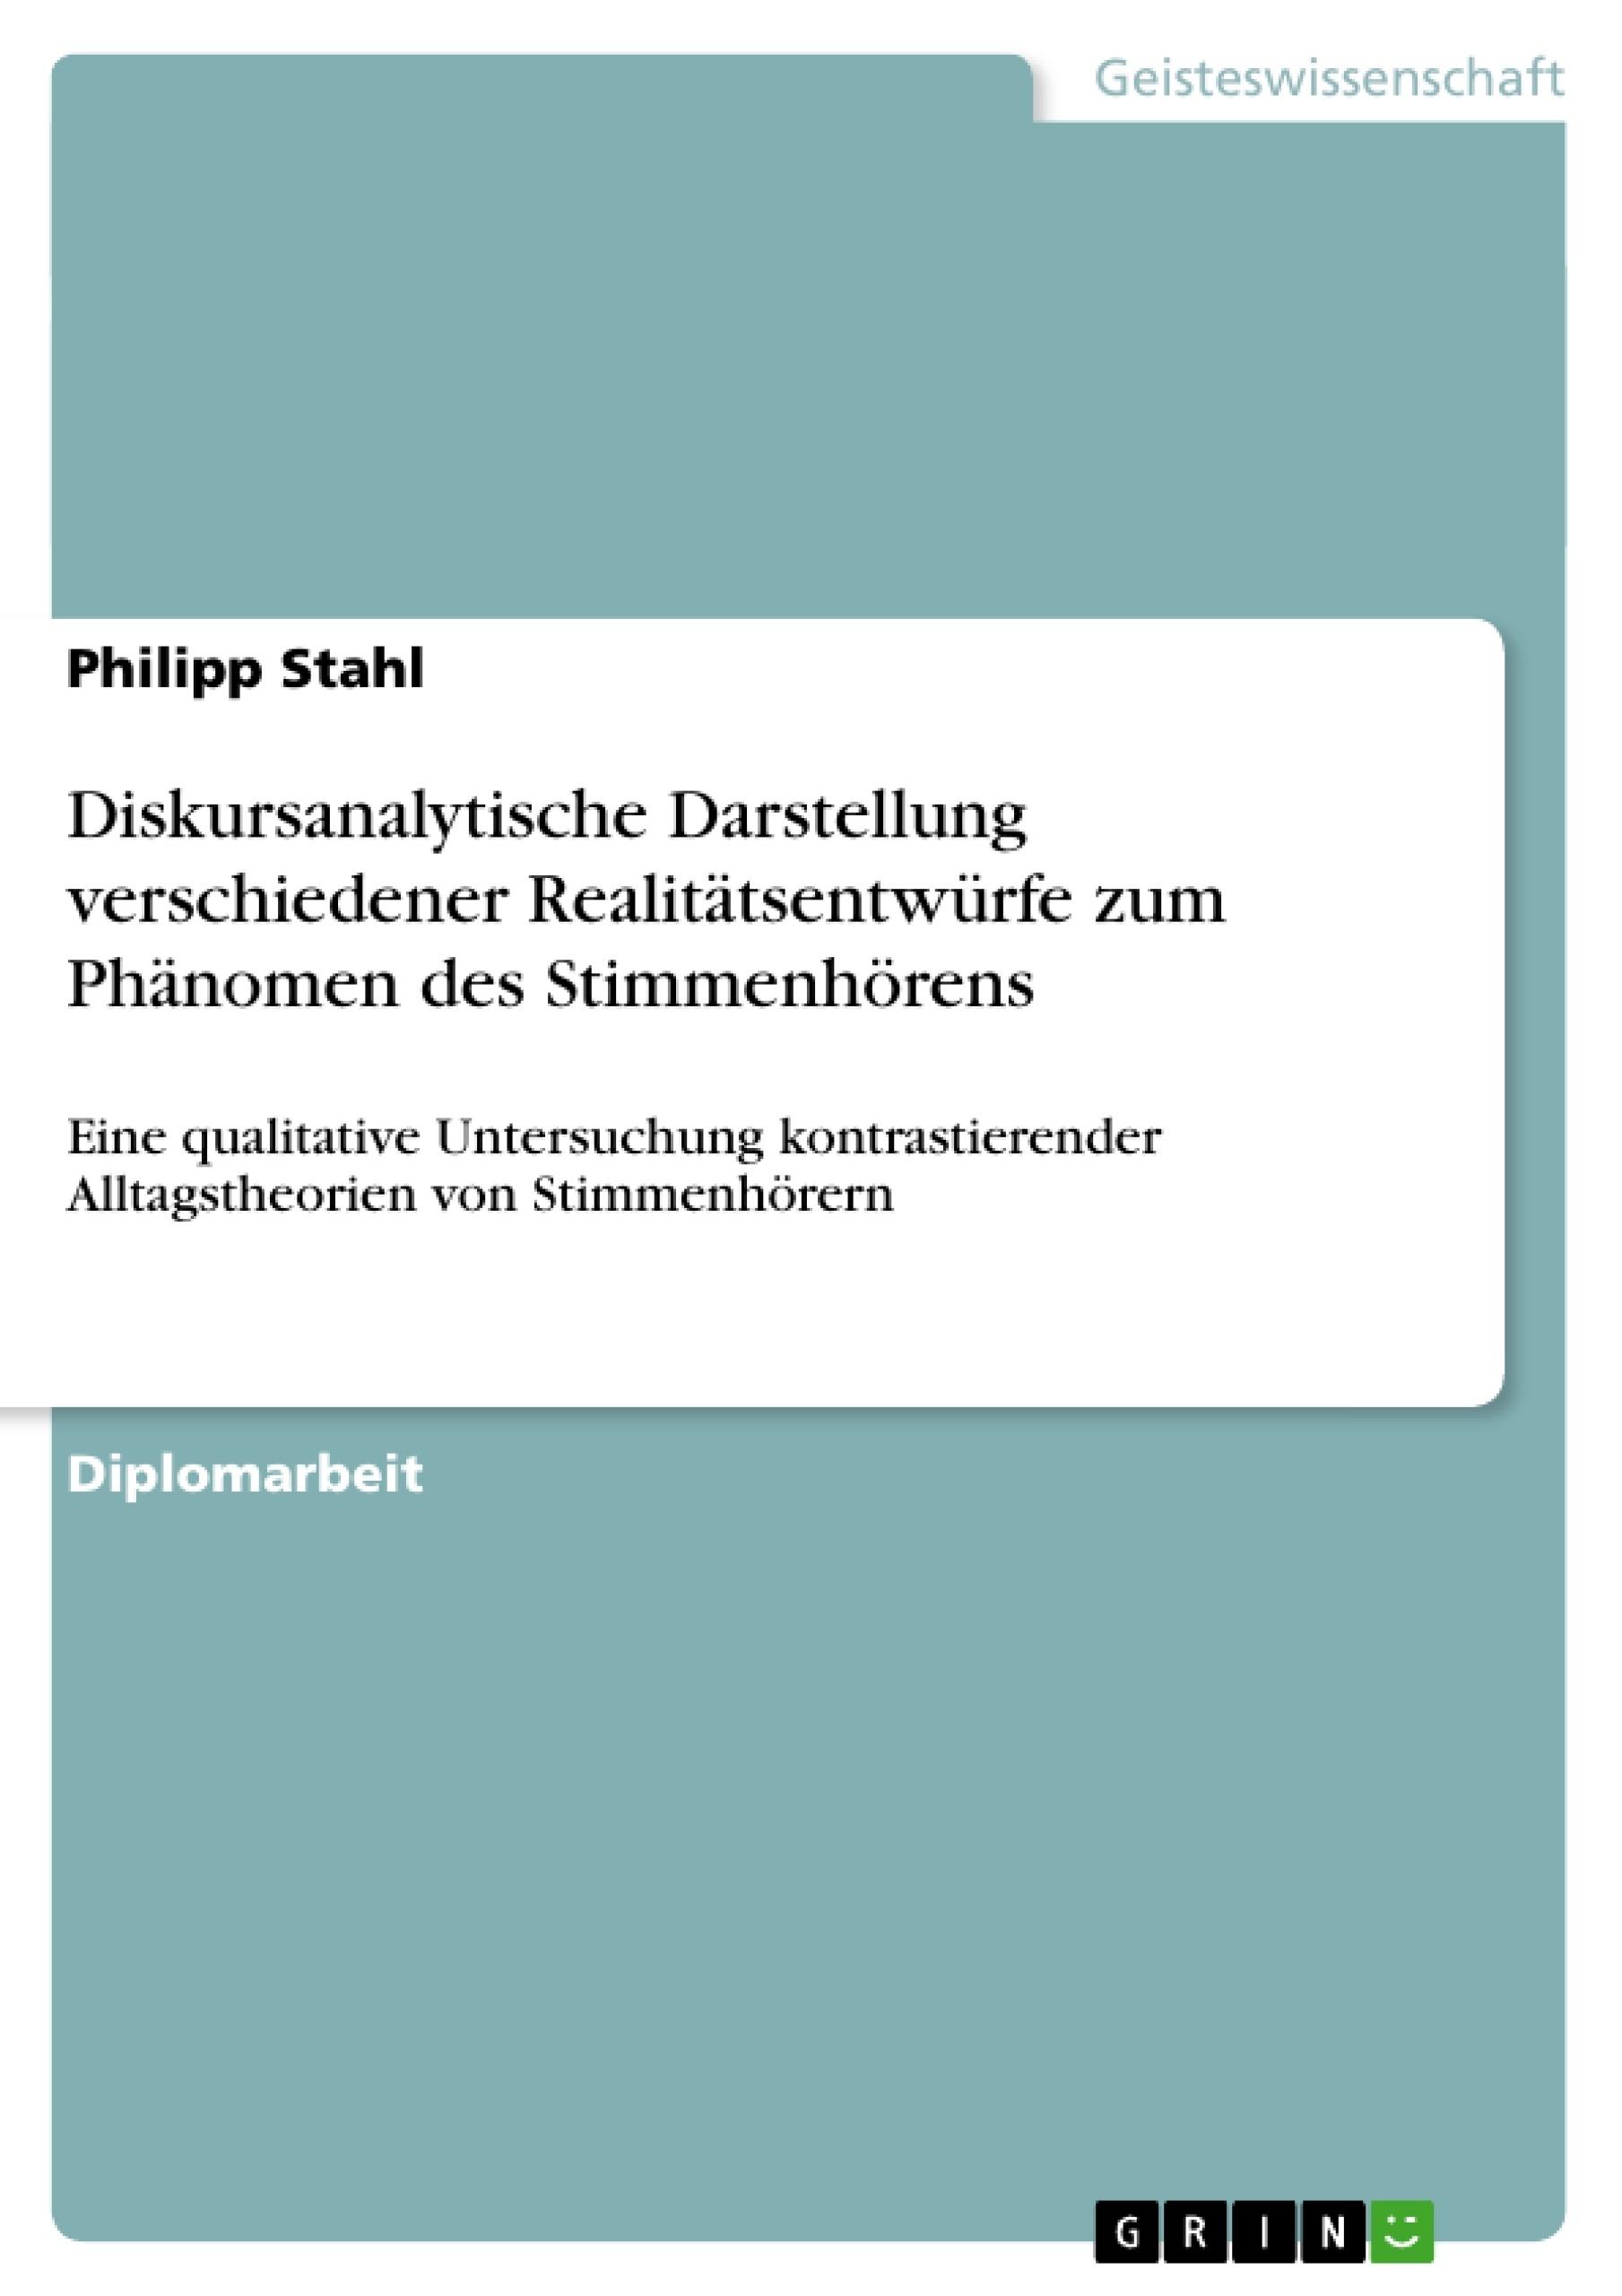 Titel: Diskursanalytische Darstellung verschiedener Realitätsentwürfe zum Phänomen des Stimmenhörens